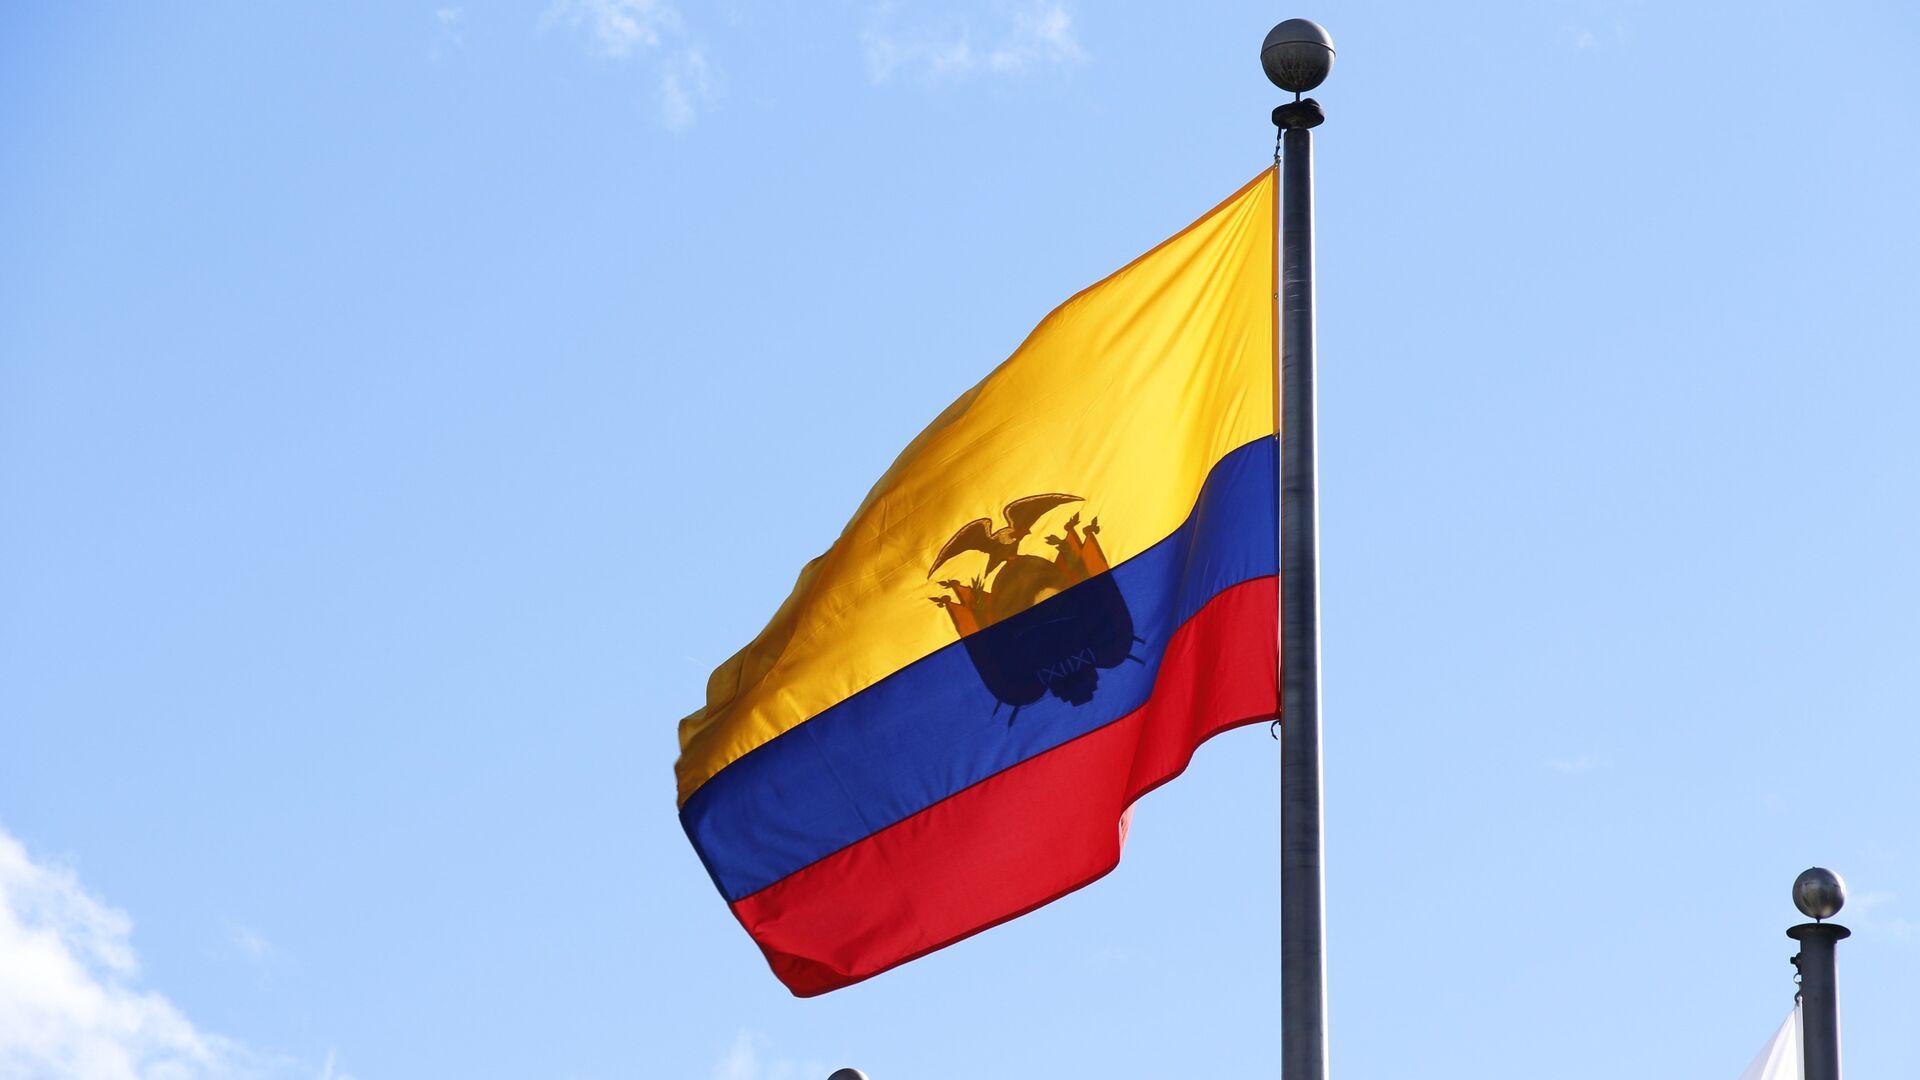 Bandera de Ecuador - Sputnik Mundo, 1920, 29.01.2021